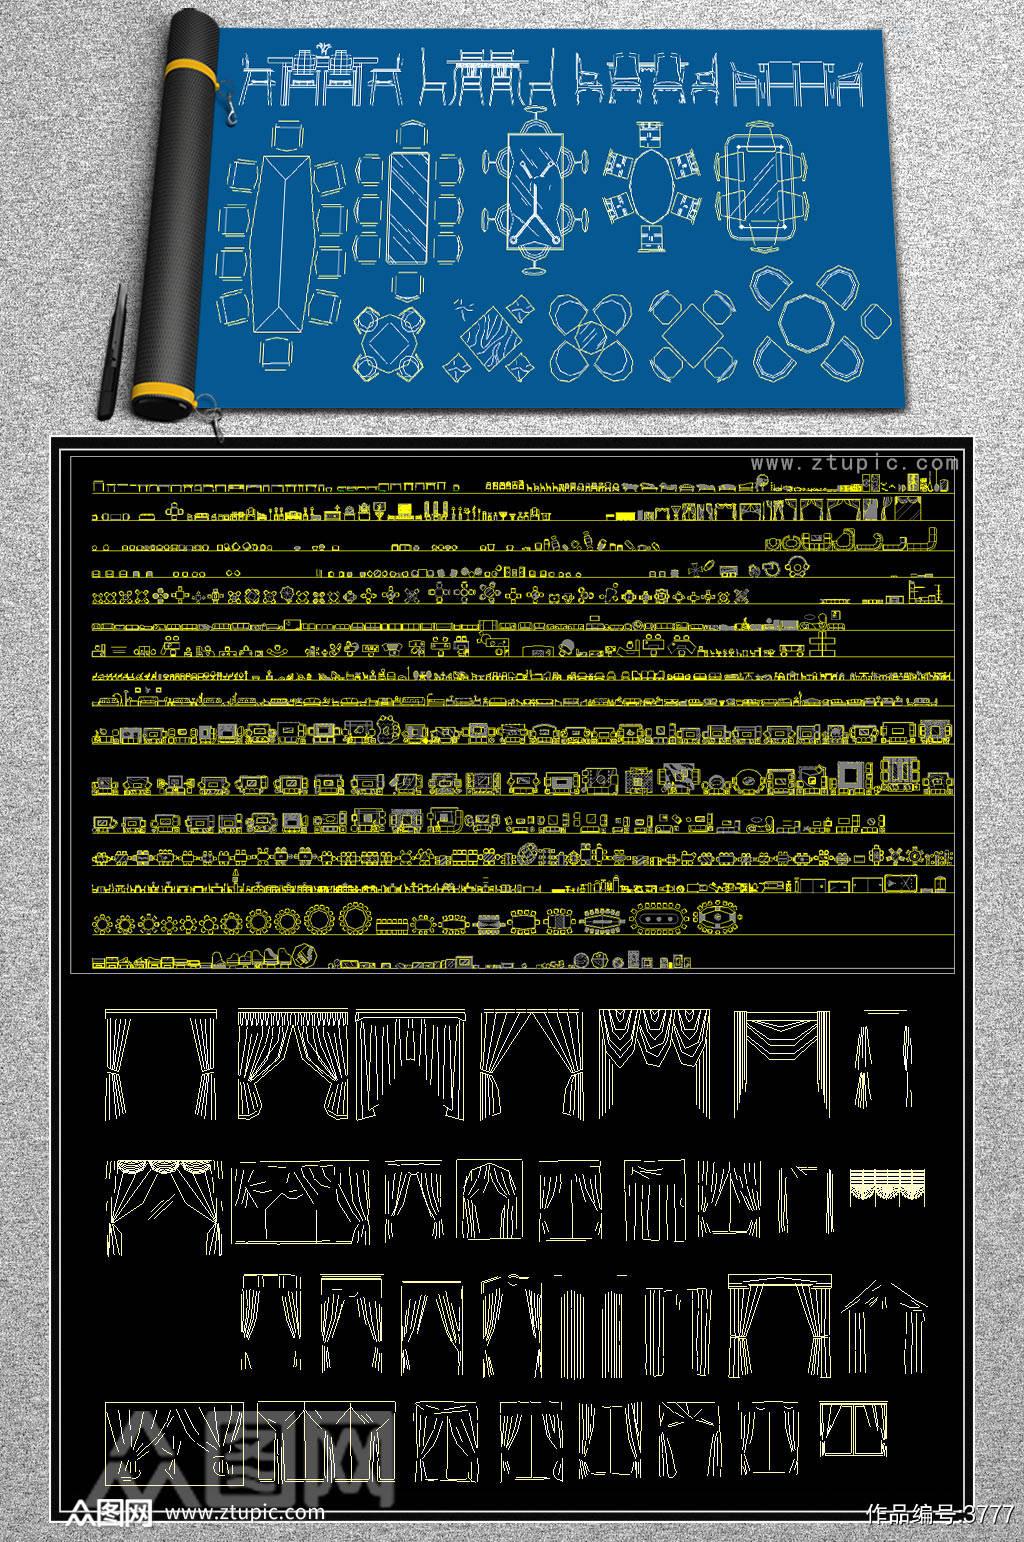 原创工装图库CAD图库素材